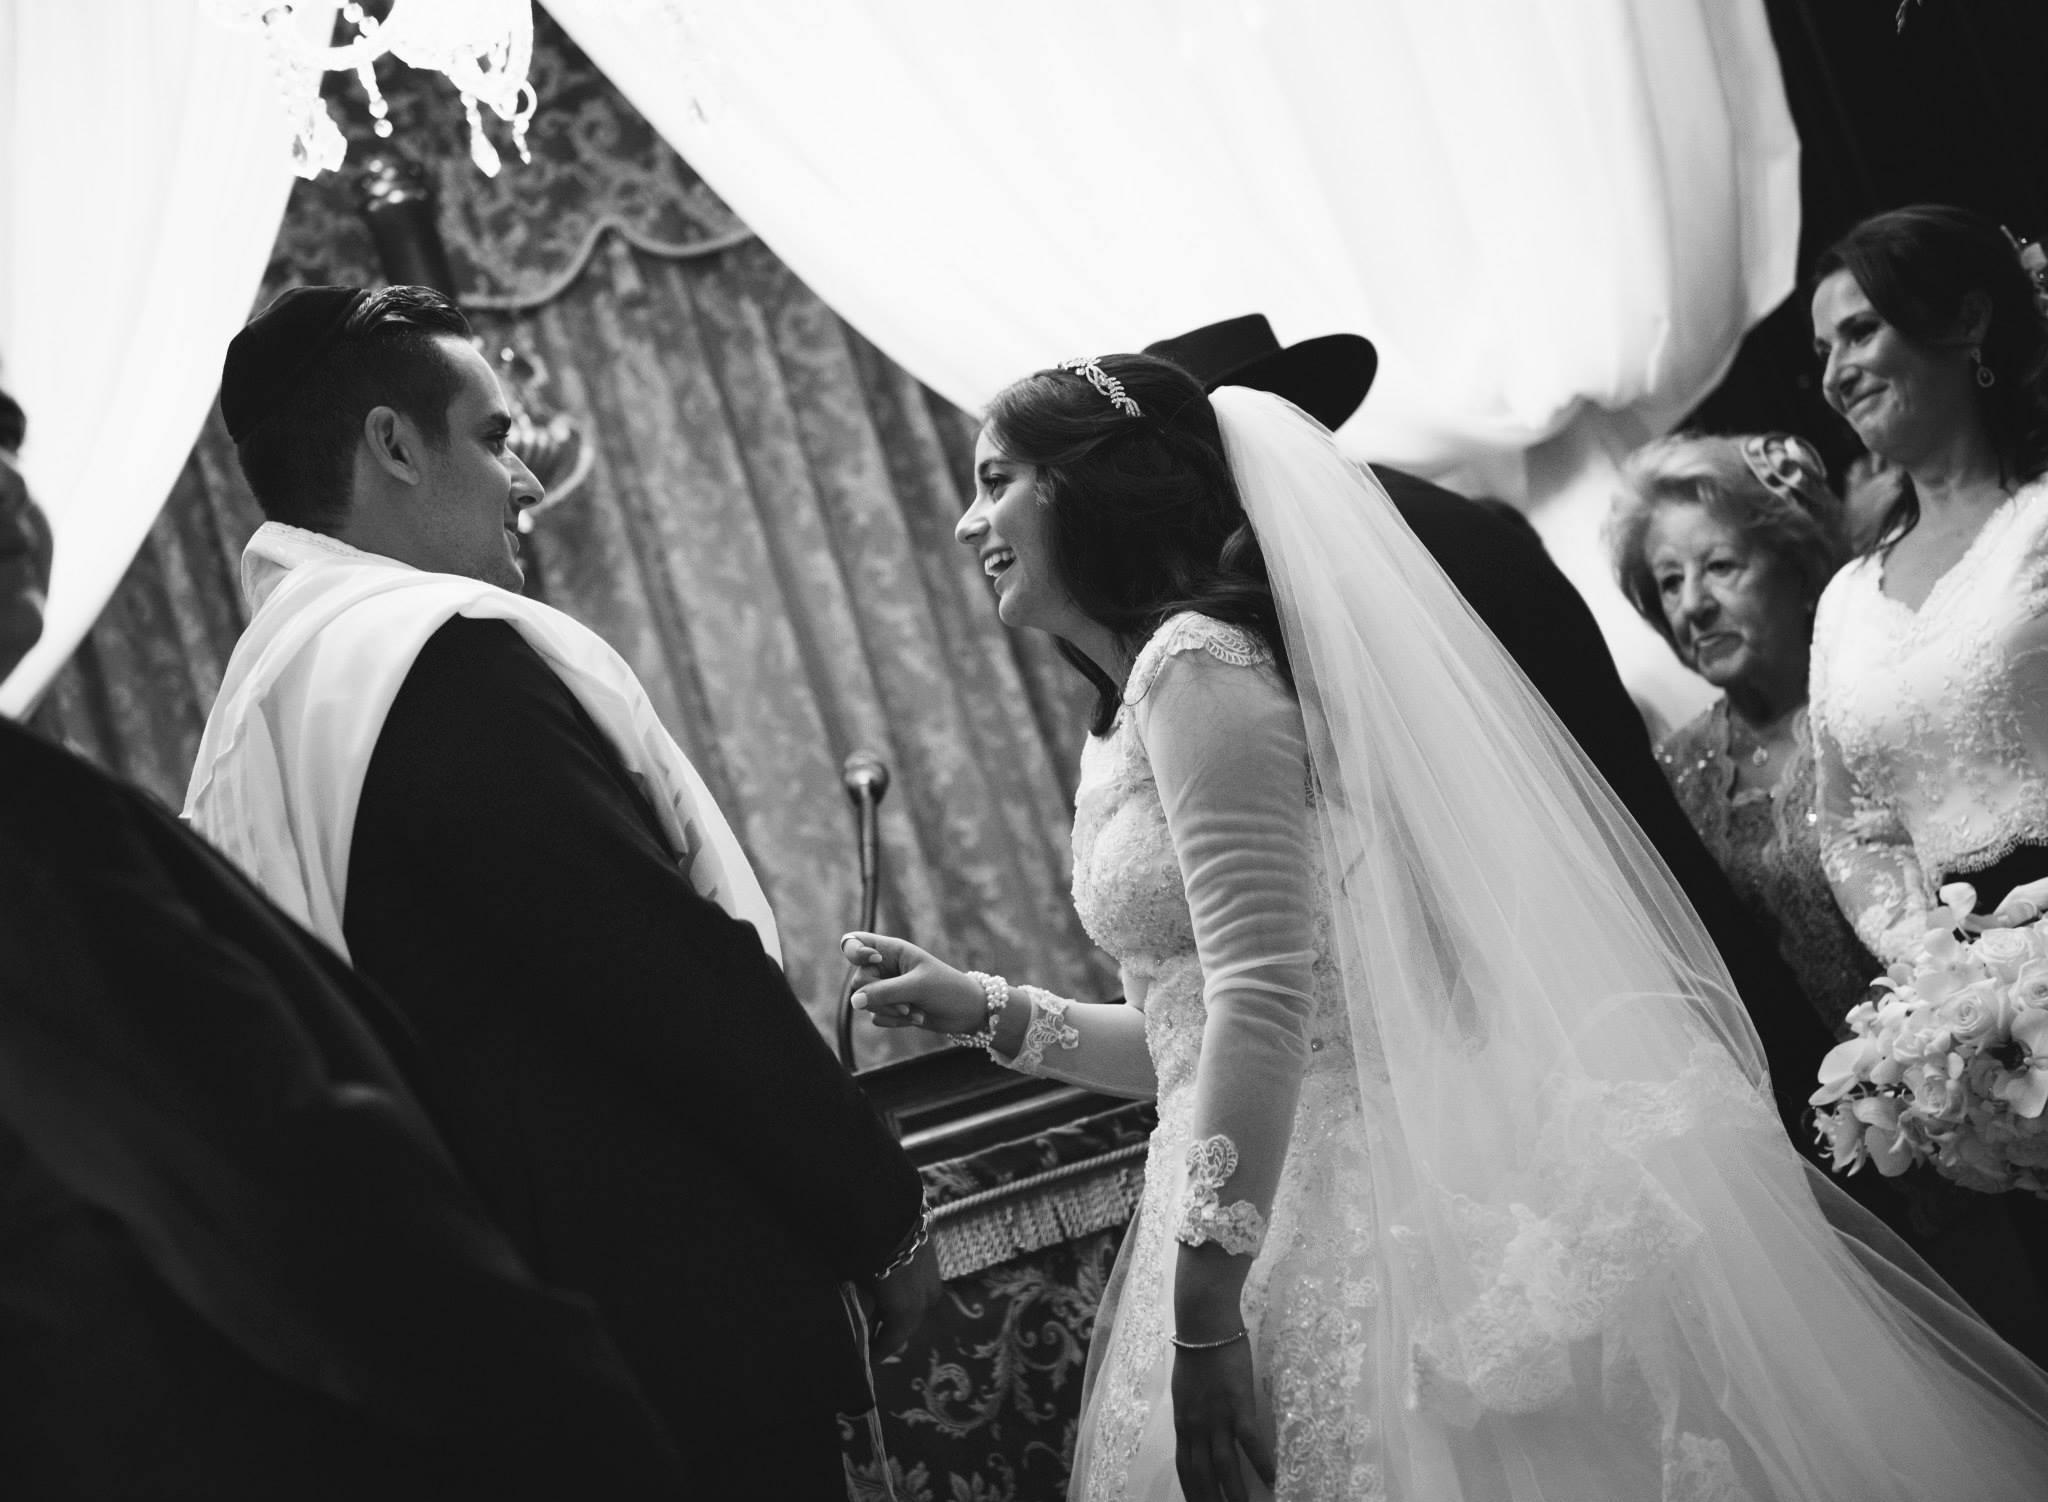 Weddings_Vesia7 (2).jpg